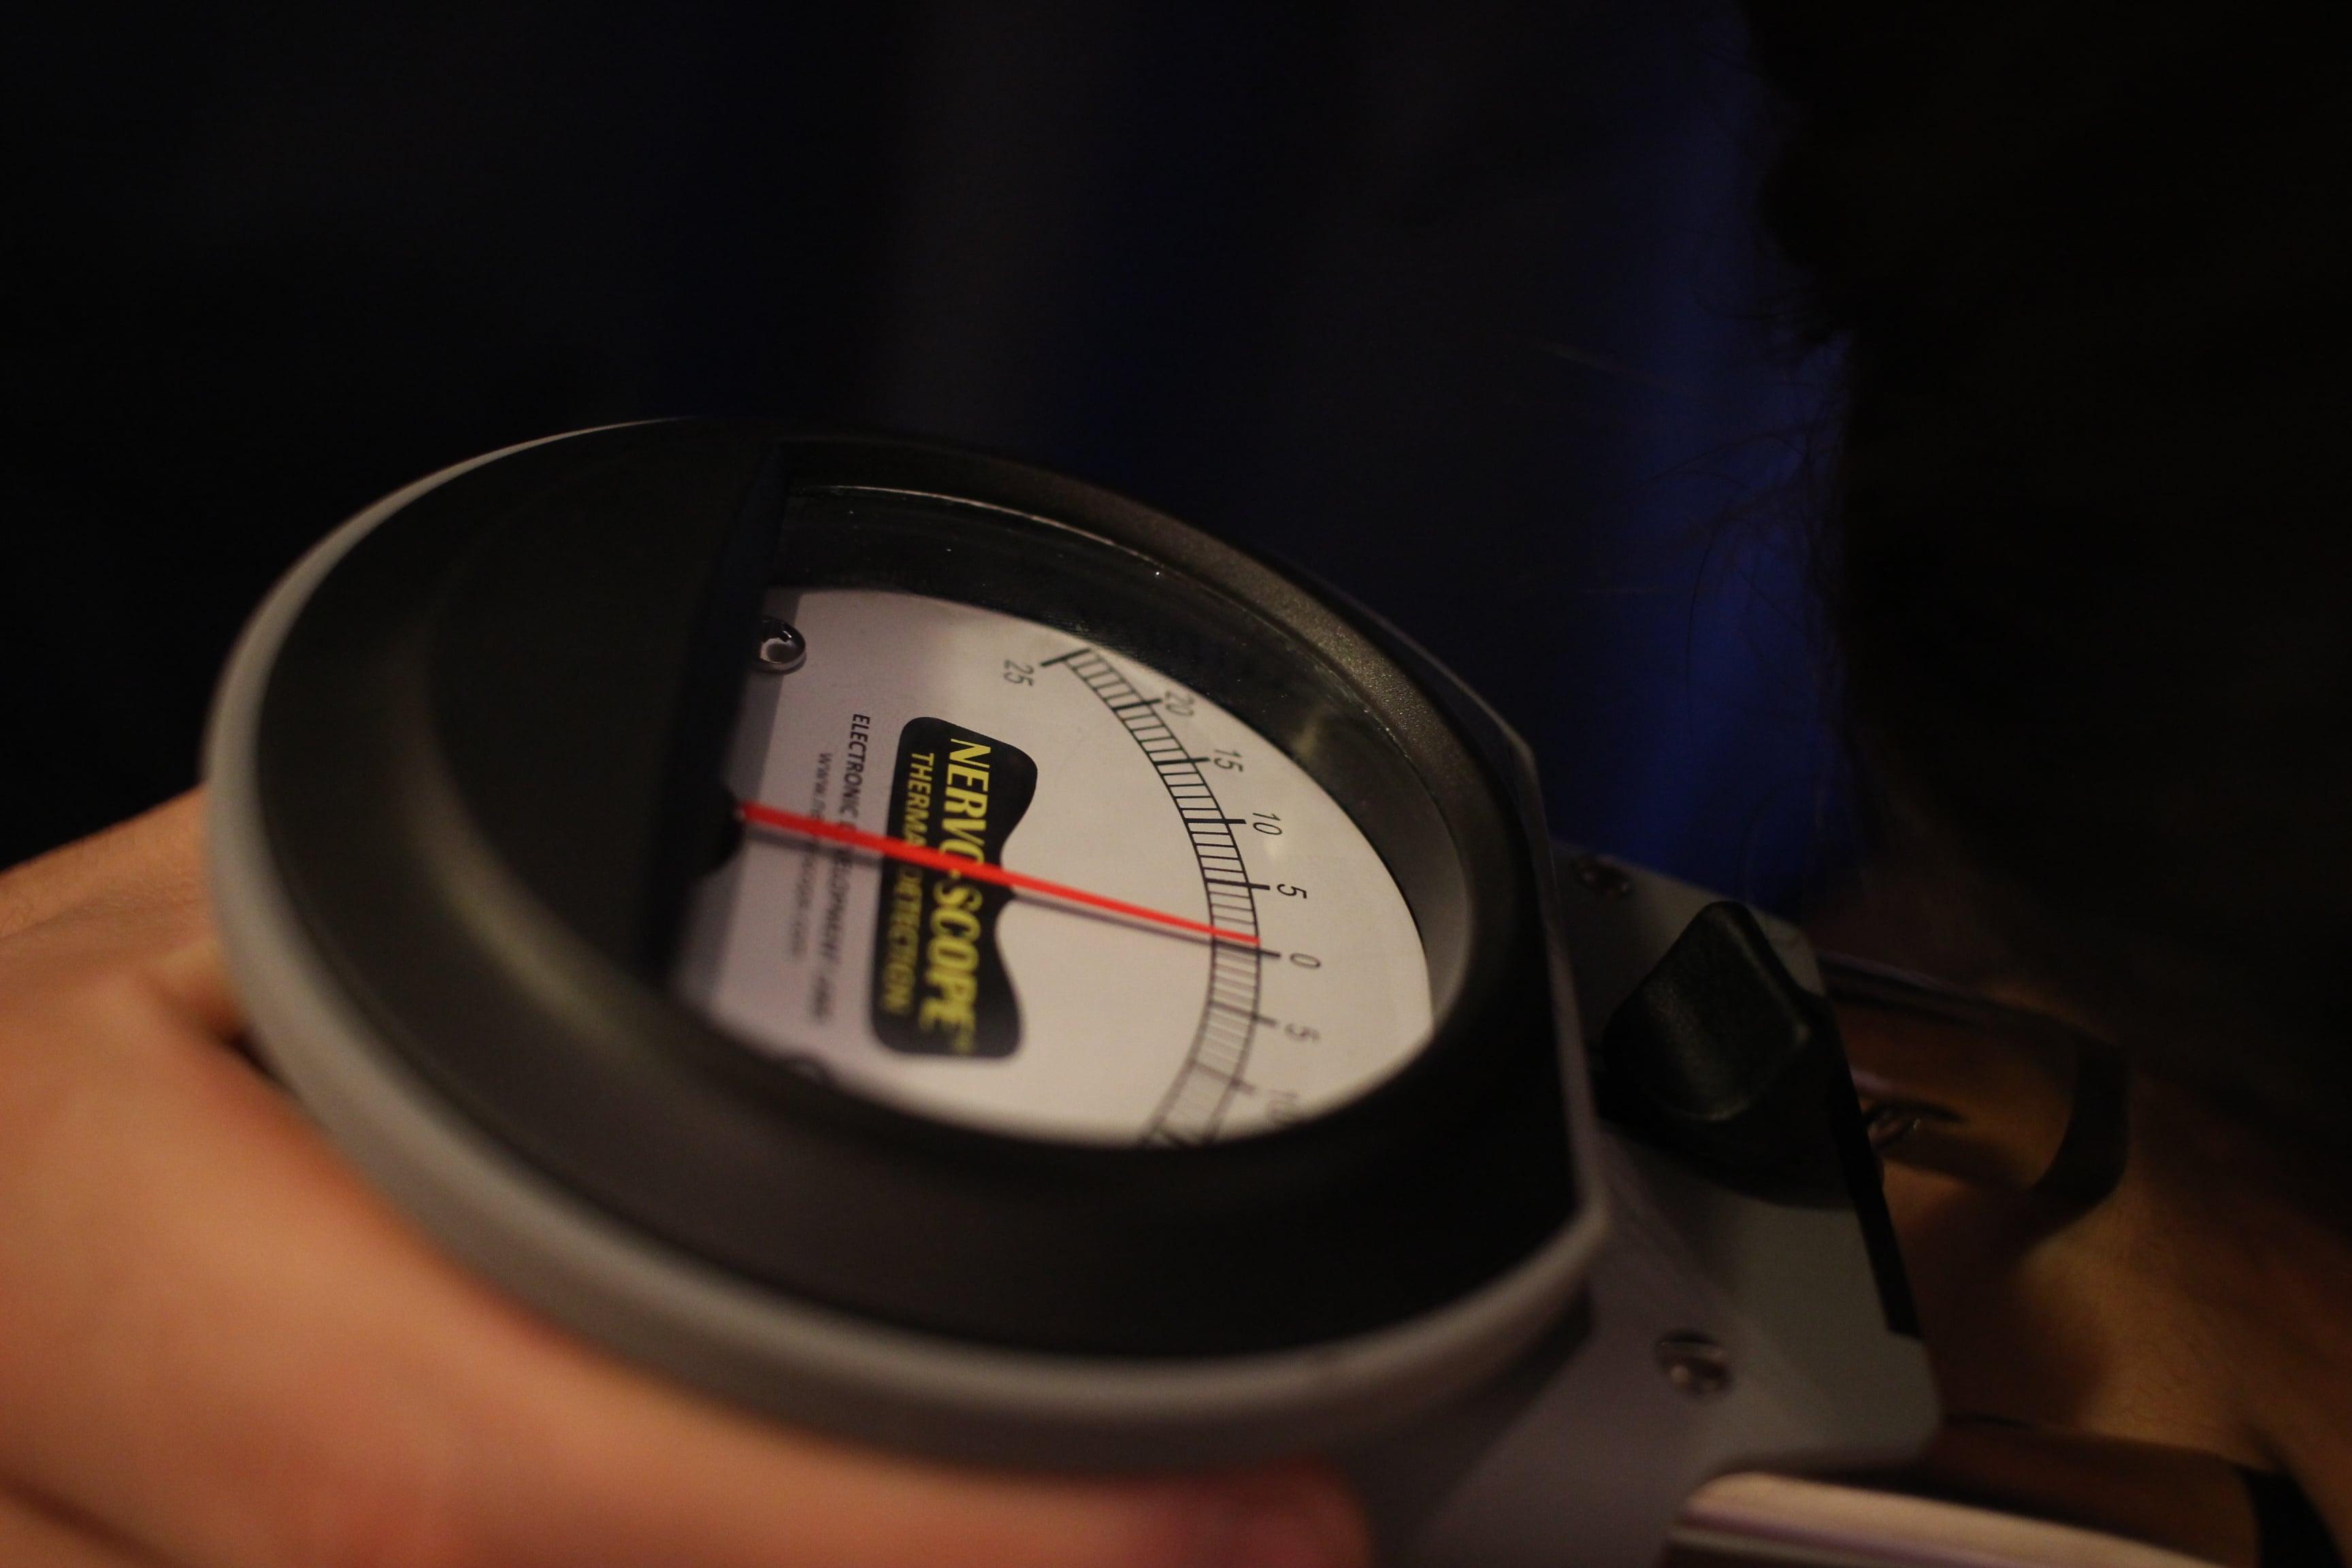 患者様の背骨両脇の温度を測定している図